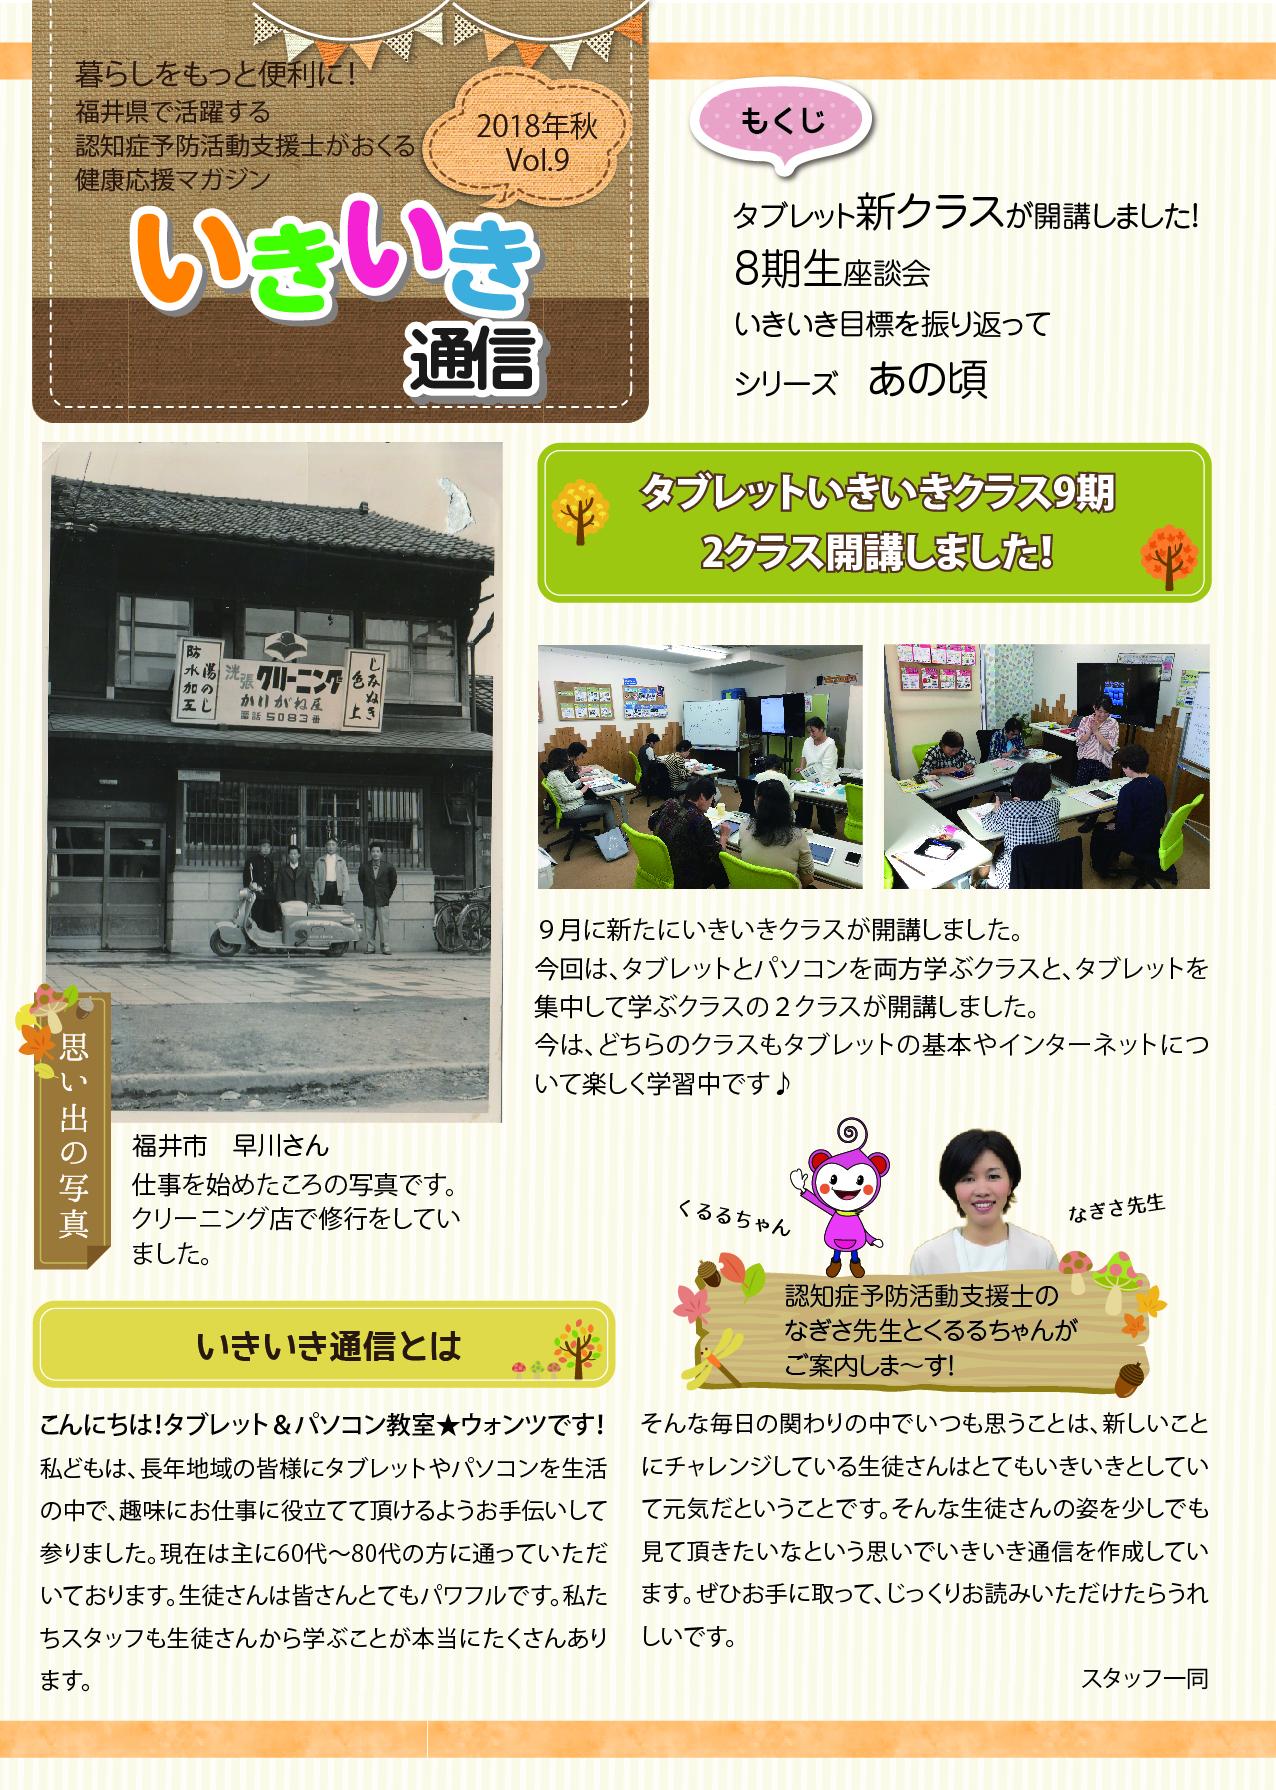 P1福井県で活躍する認知症予防活動支援士がおくる健康マガジン いきいき通信 もくじ 思い出の写真 いきいきクラス開講しました